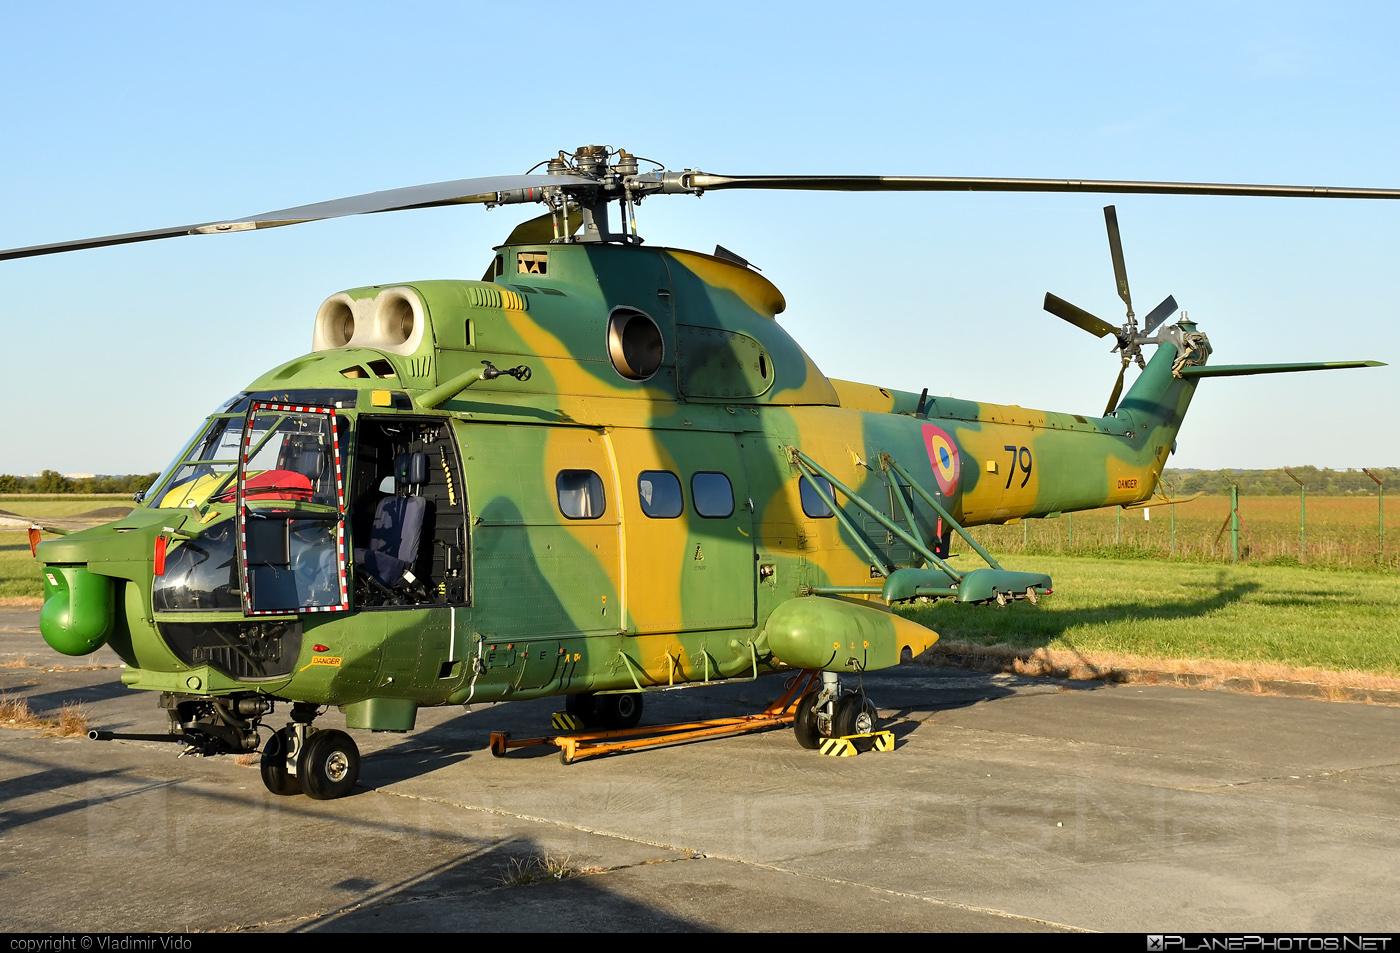 IAR IAR-330L Puma SOCAT - 79 operated by Forţele Aeriene Române (Romanian Air Force) #forteleaerieneromane #romanianairforce